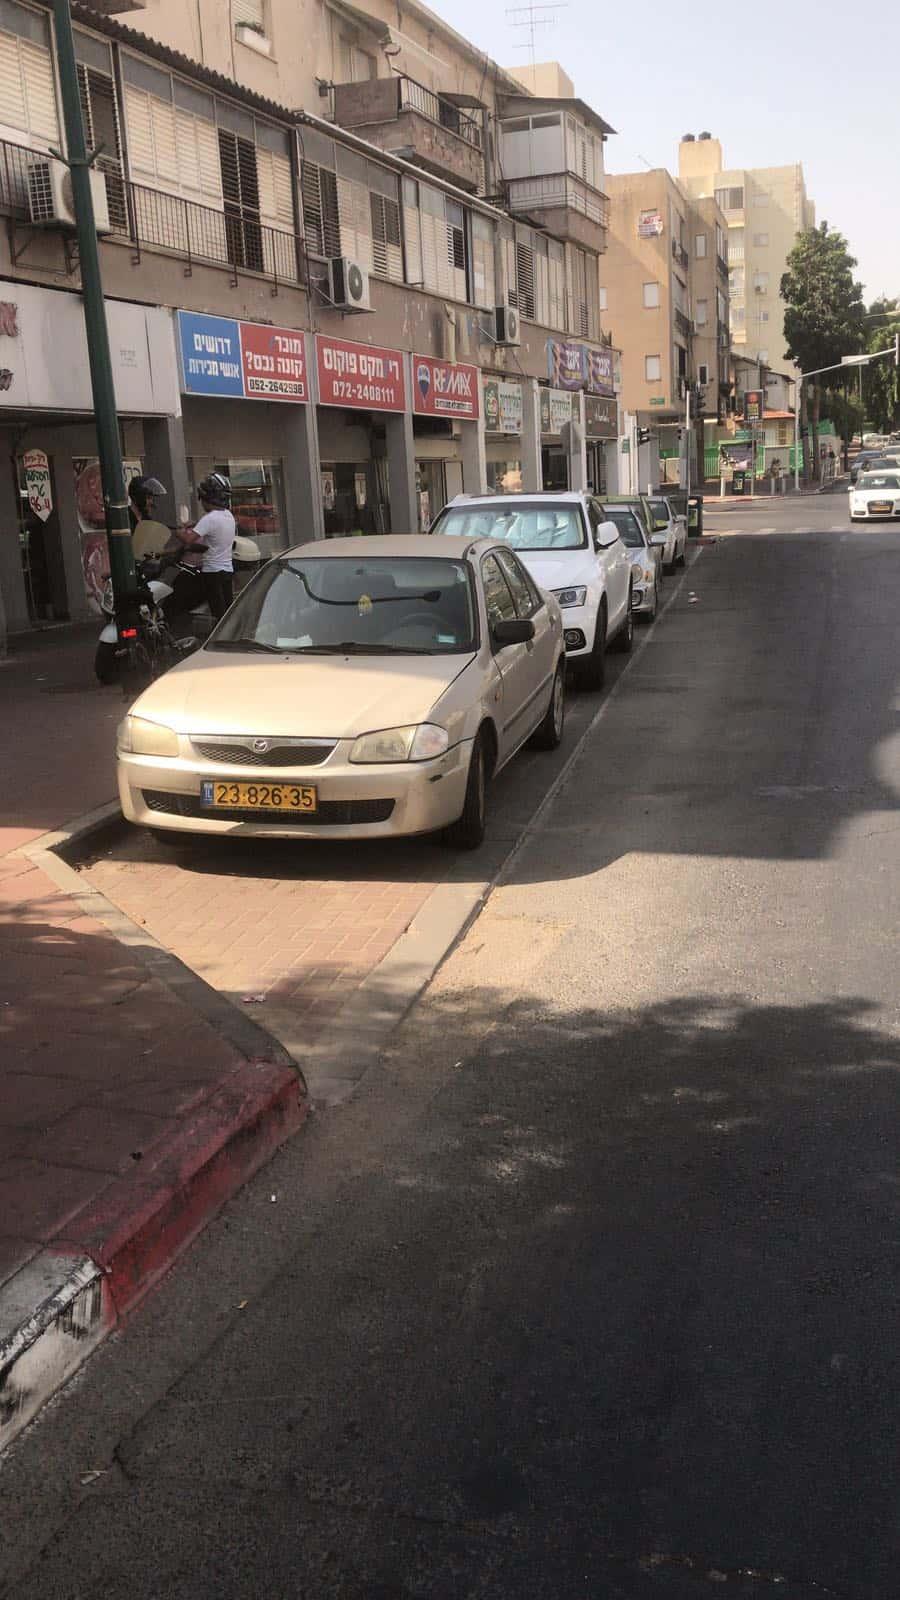 התושבים לא מזיזים את הרכב, צילום: גלי דאו